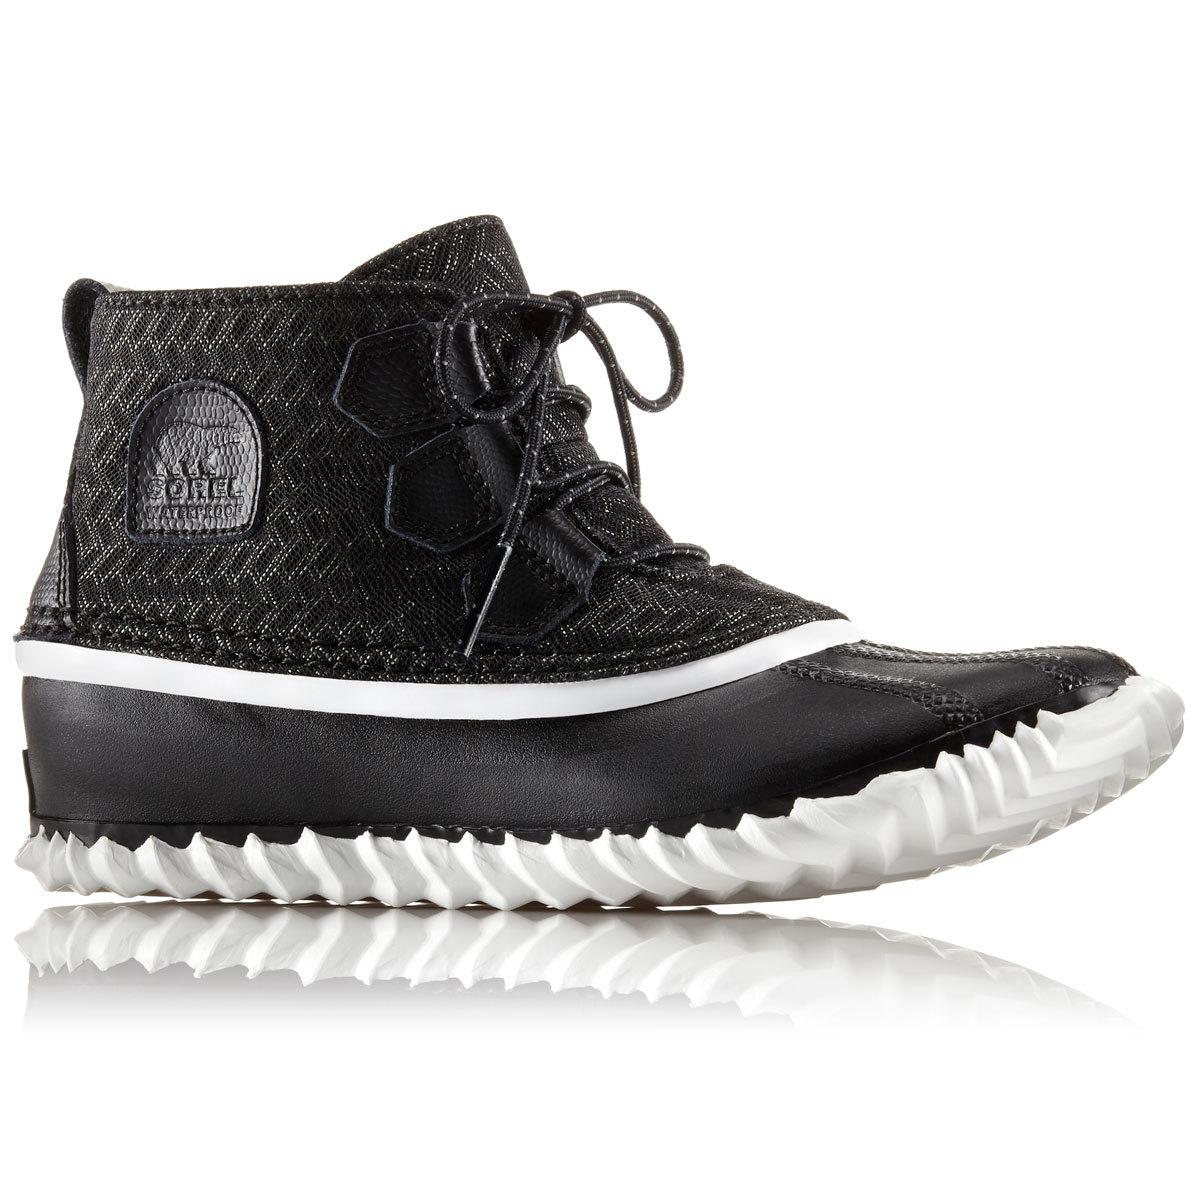 Sorel Women's Out N About Low Waterproof Rain Boots - Black, 8